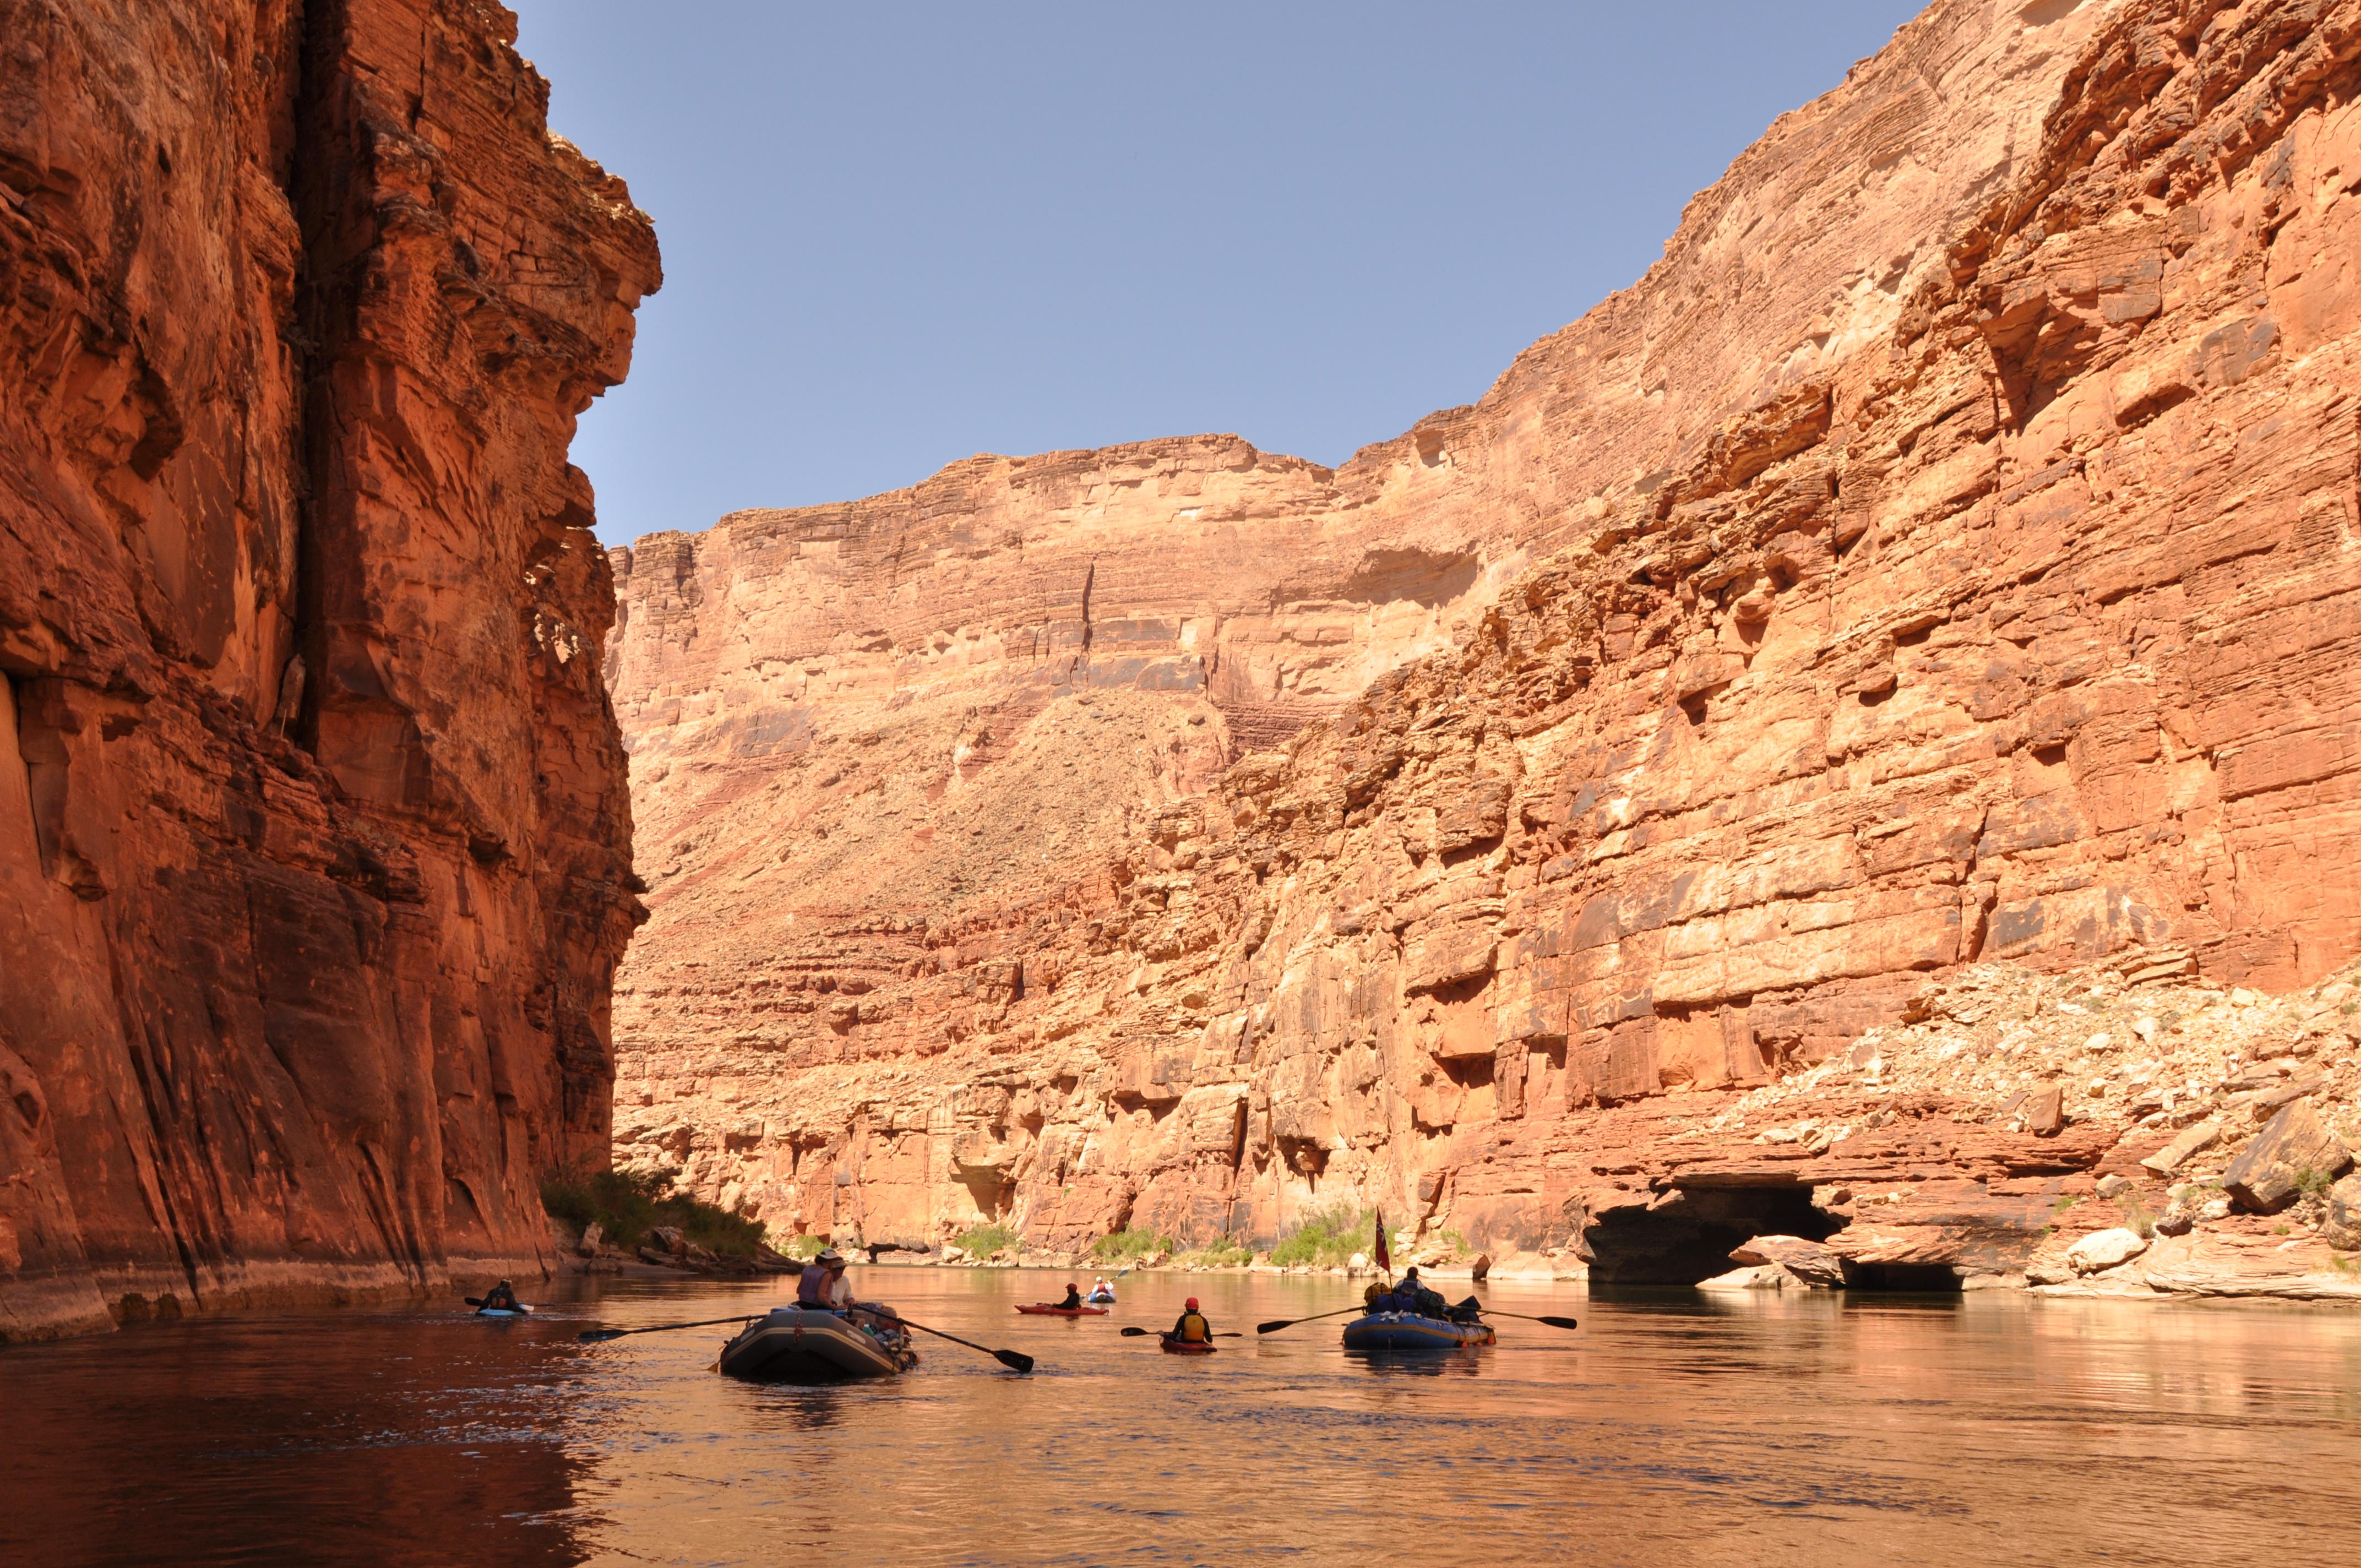 Canyon walls photo